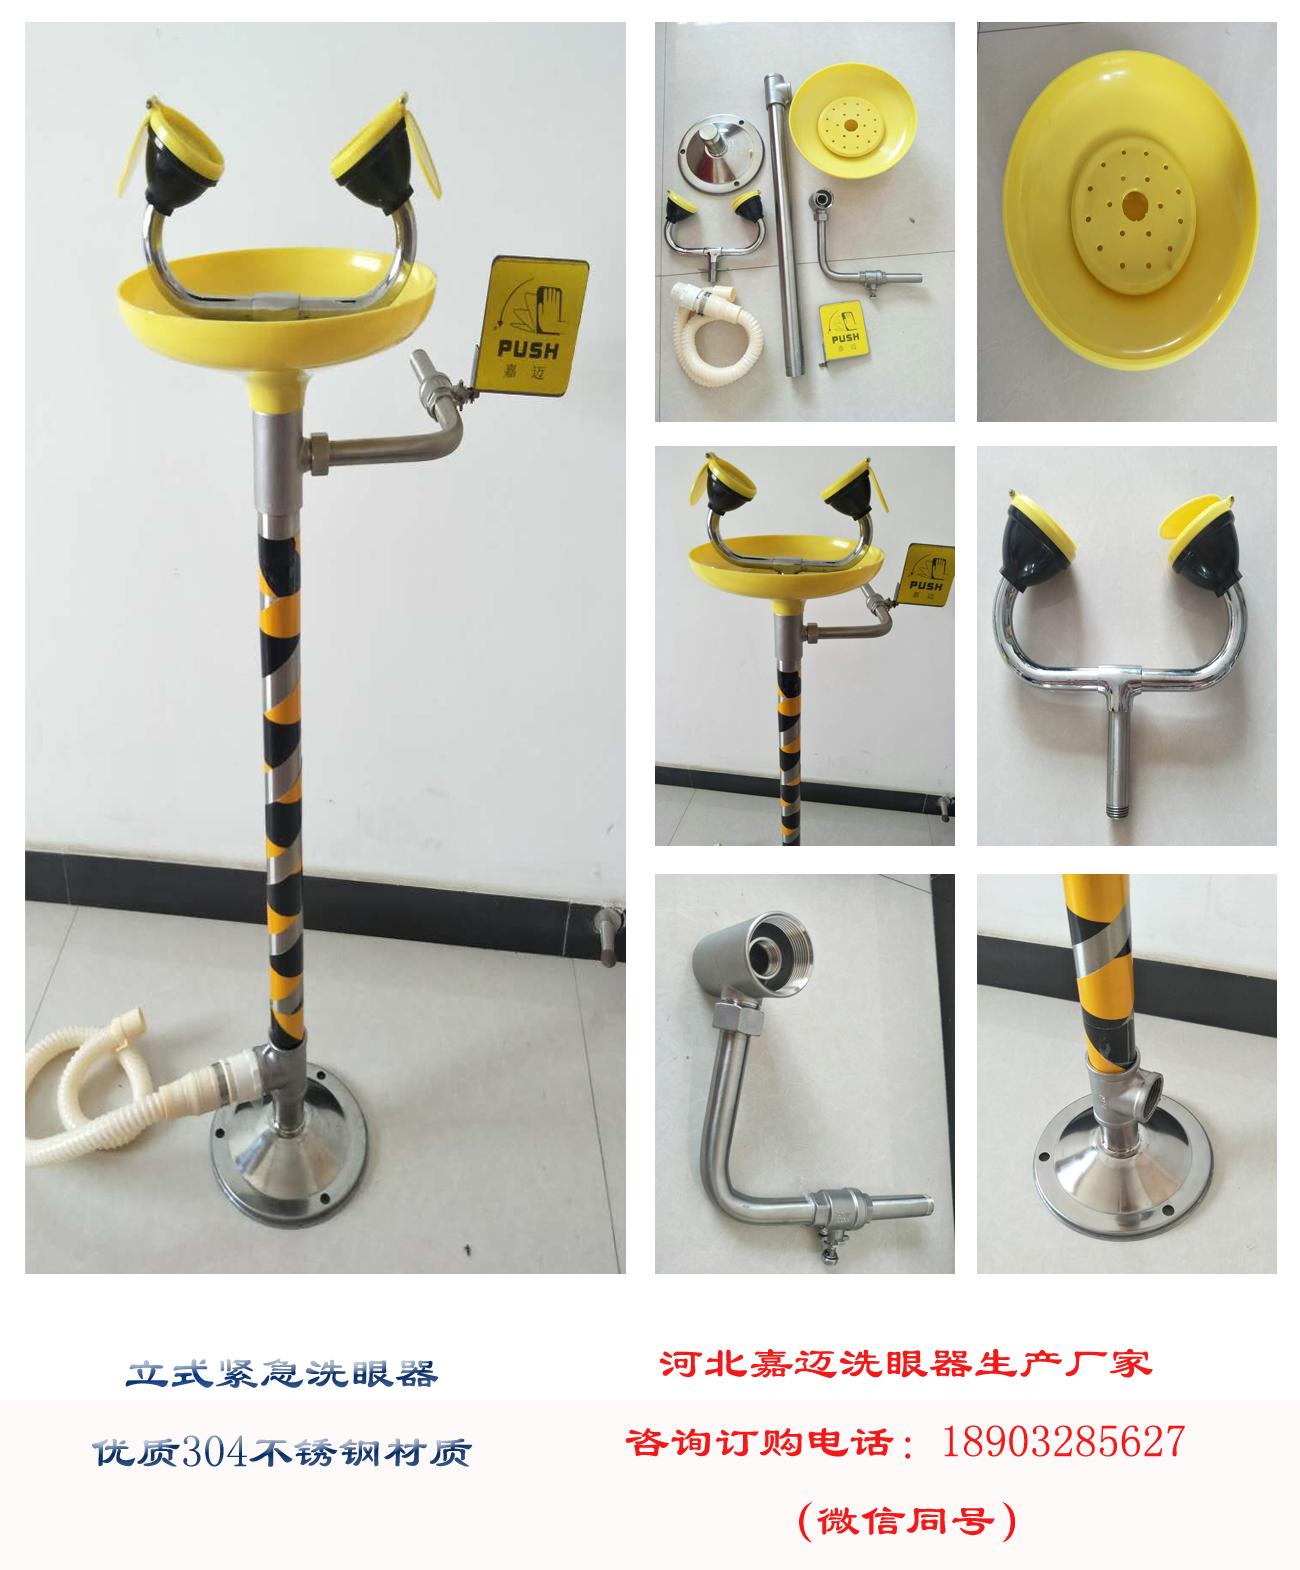 江苏泰州不锈钢立式洗眼器价格 - 中国供应商